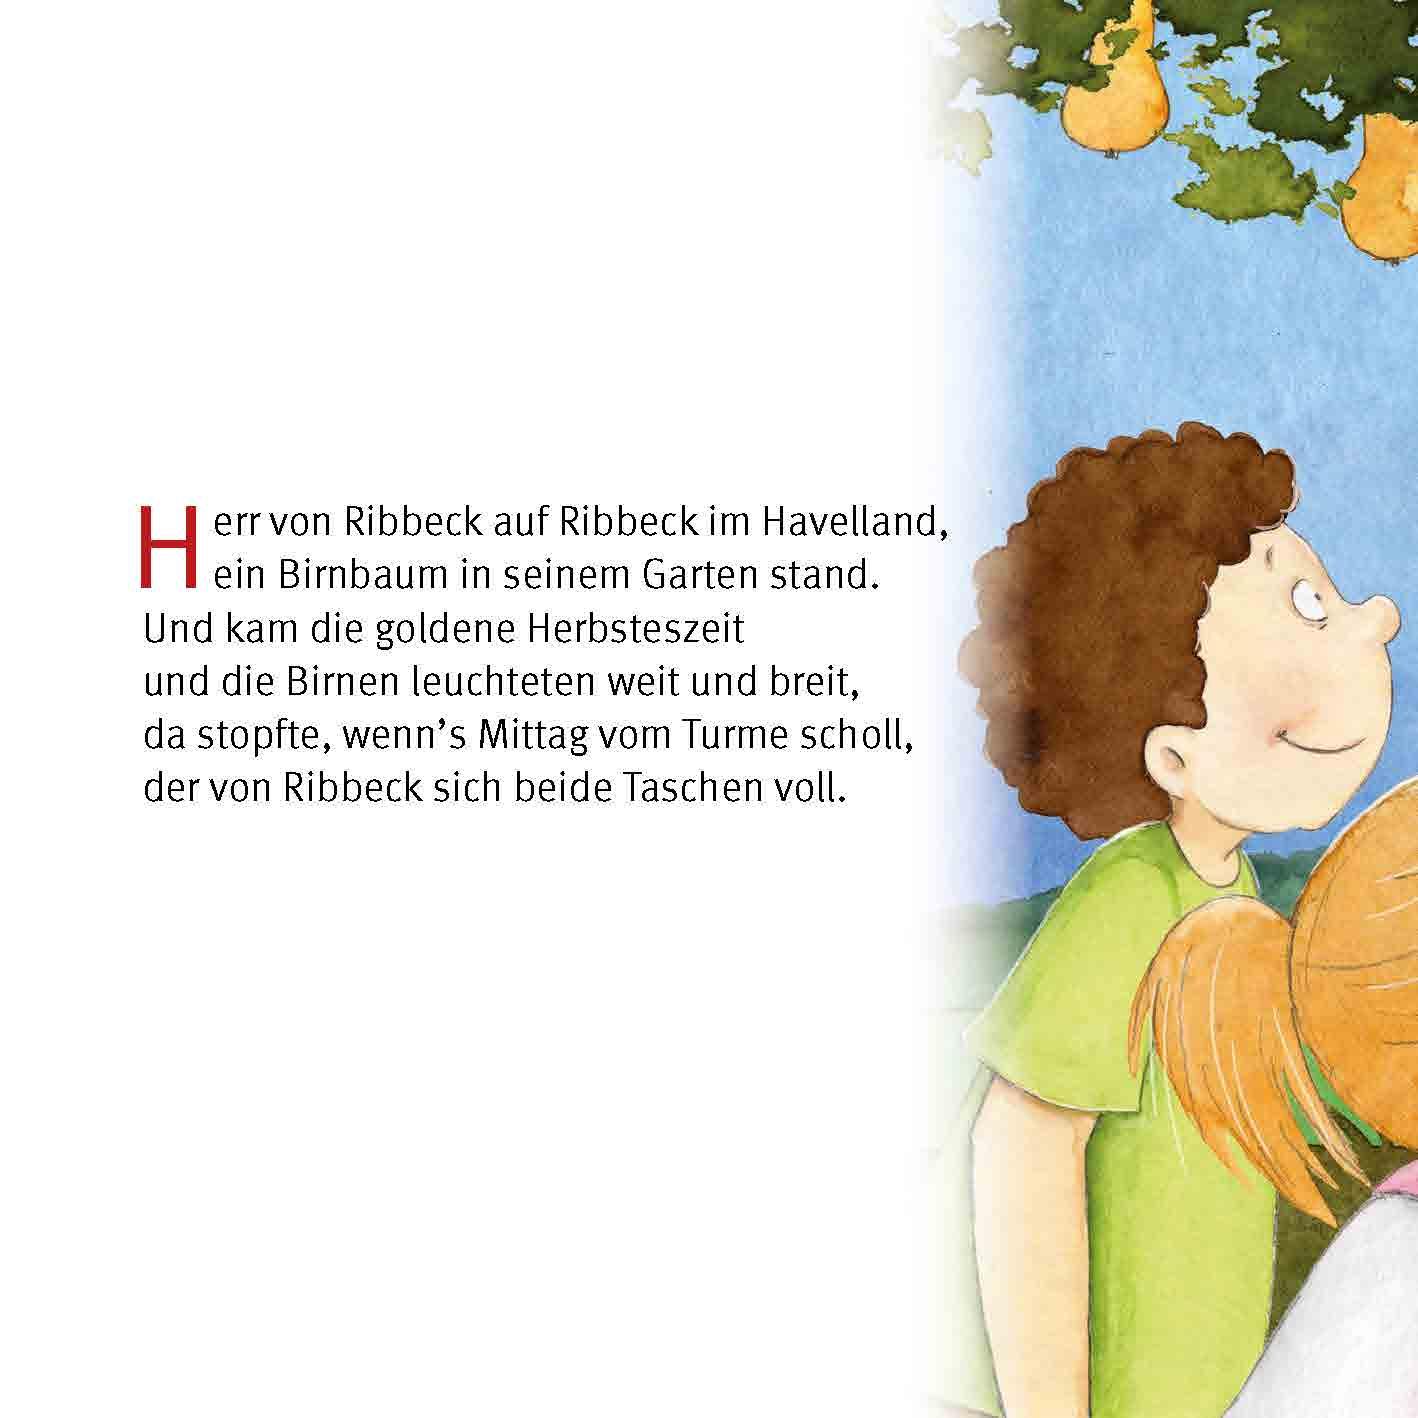 Innenansicht zu Herr von Ribbeck auf Ribbeck im Havelland. Mini-Bilderbuch.